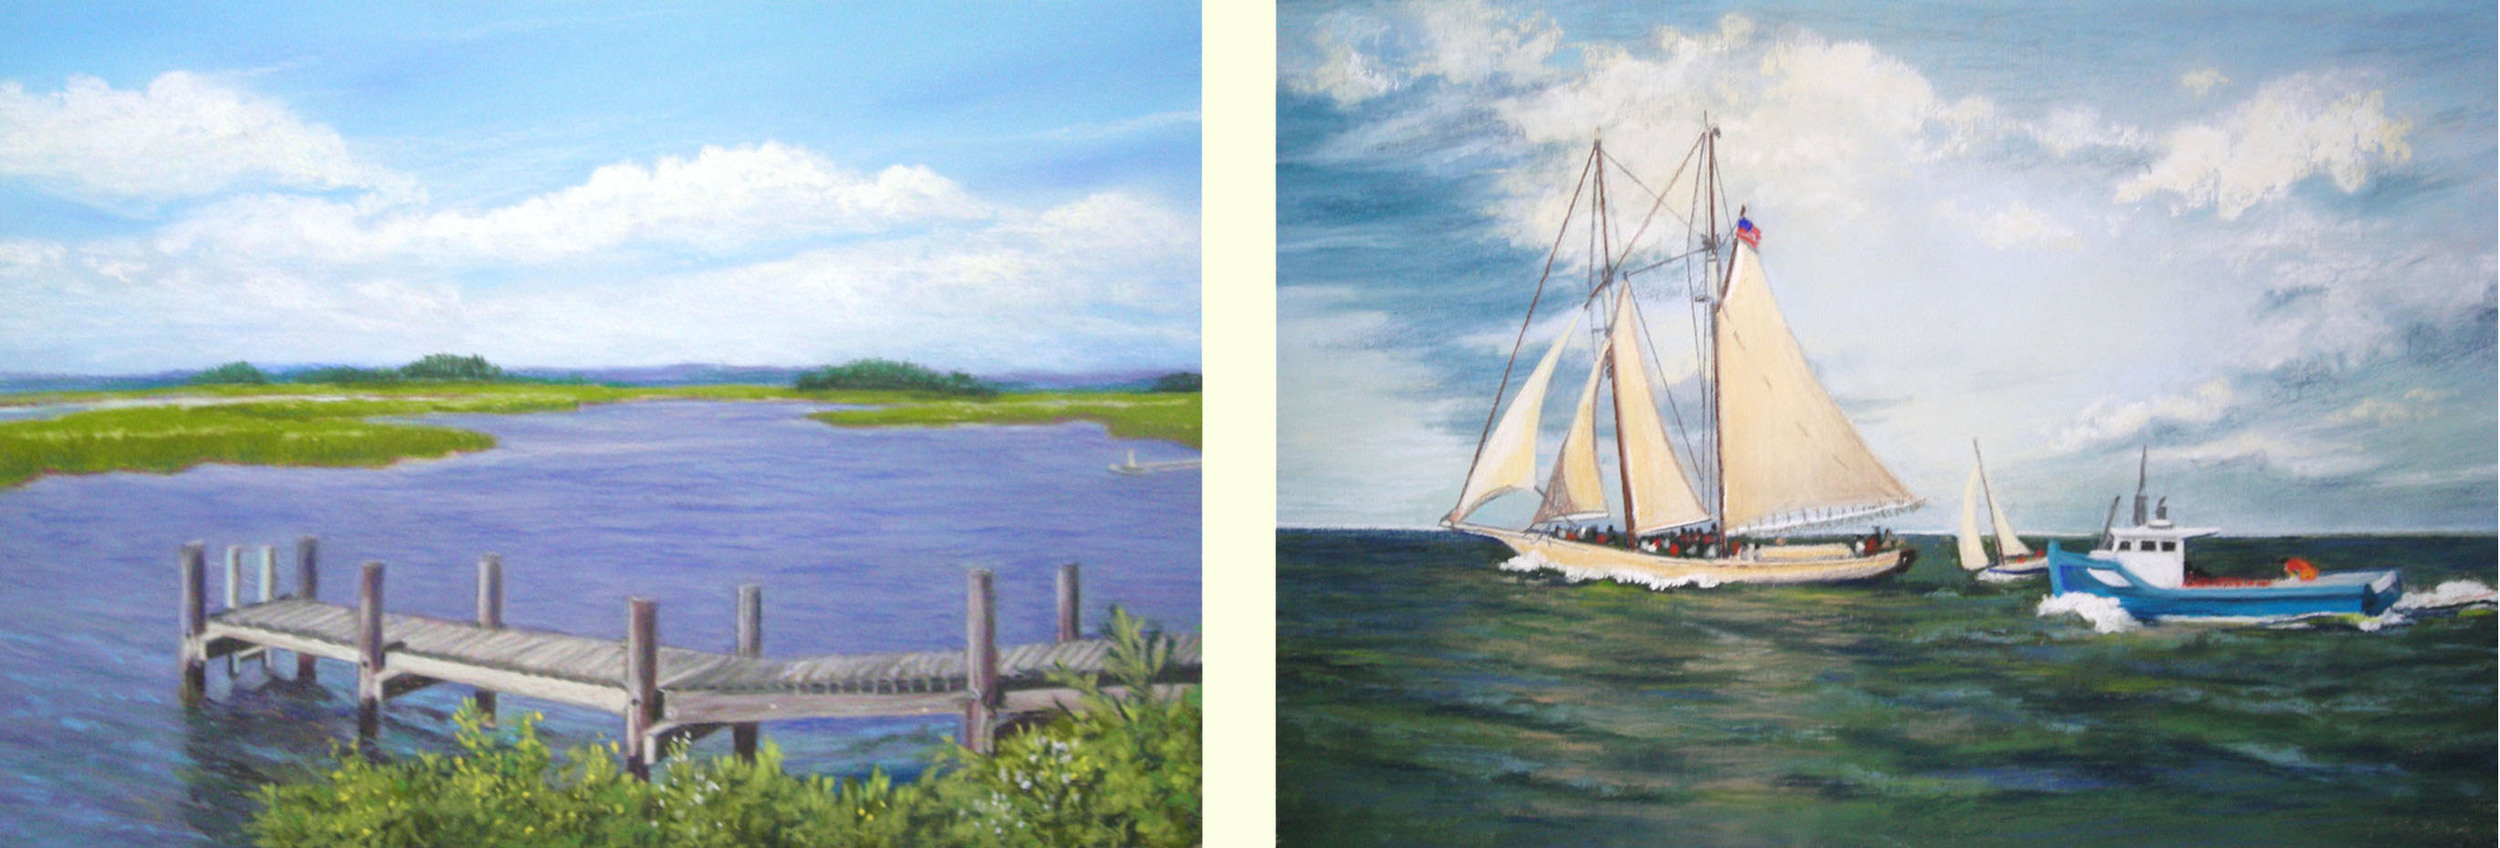 3_marsh_sailing.jpg